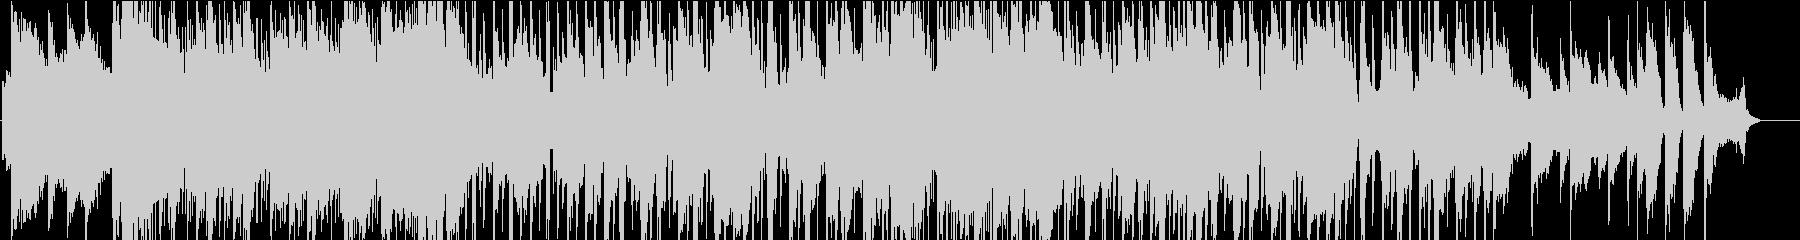 パンフルートの軽快で癒し系の曲の未再生の波形